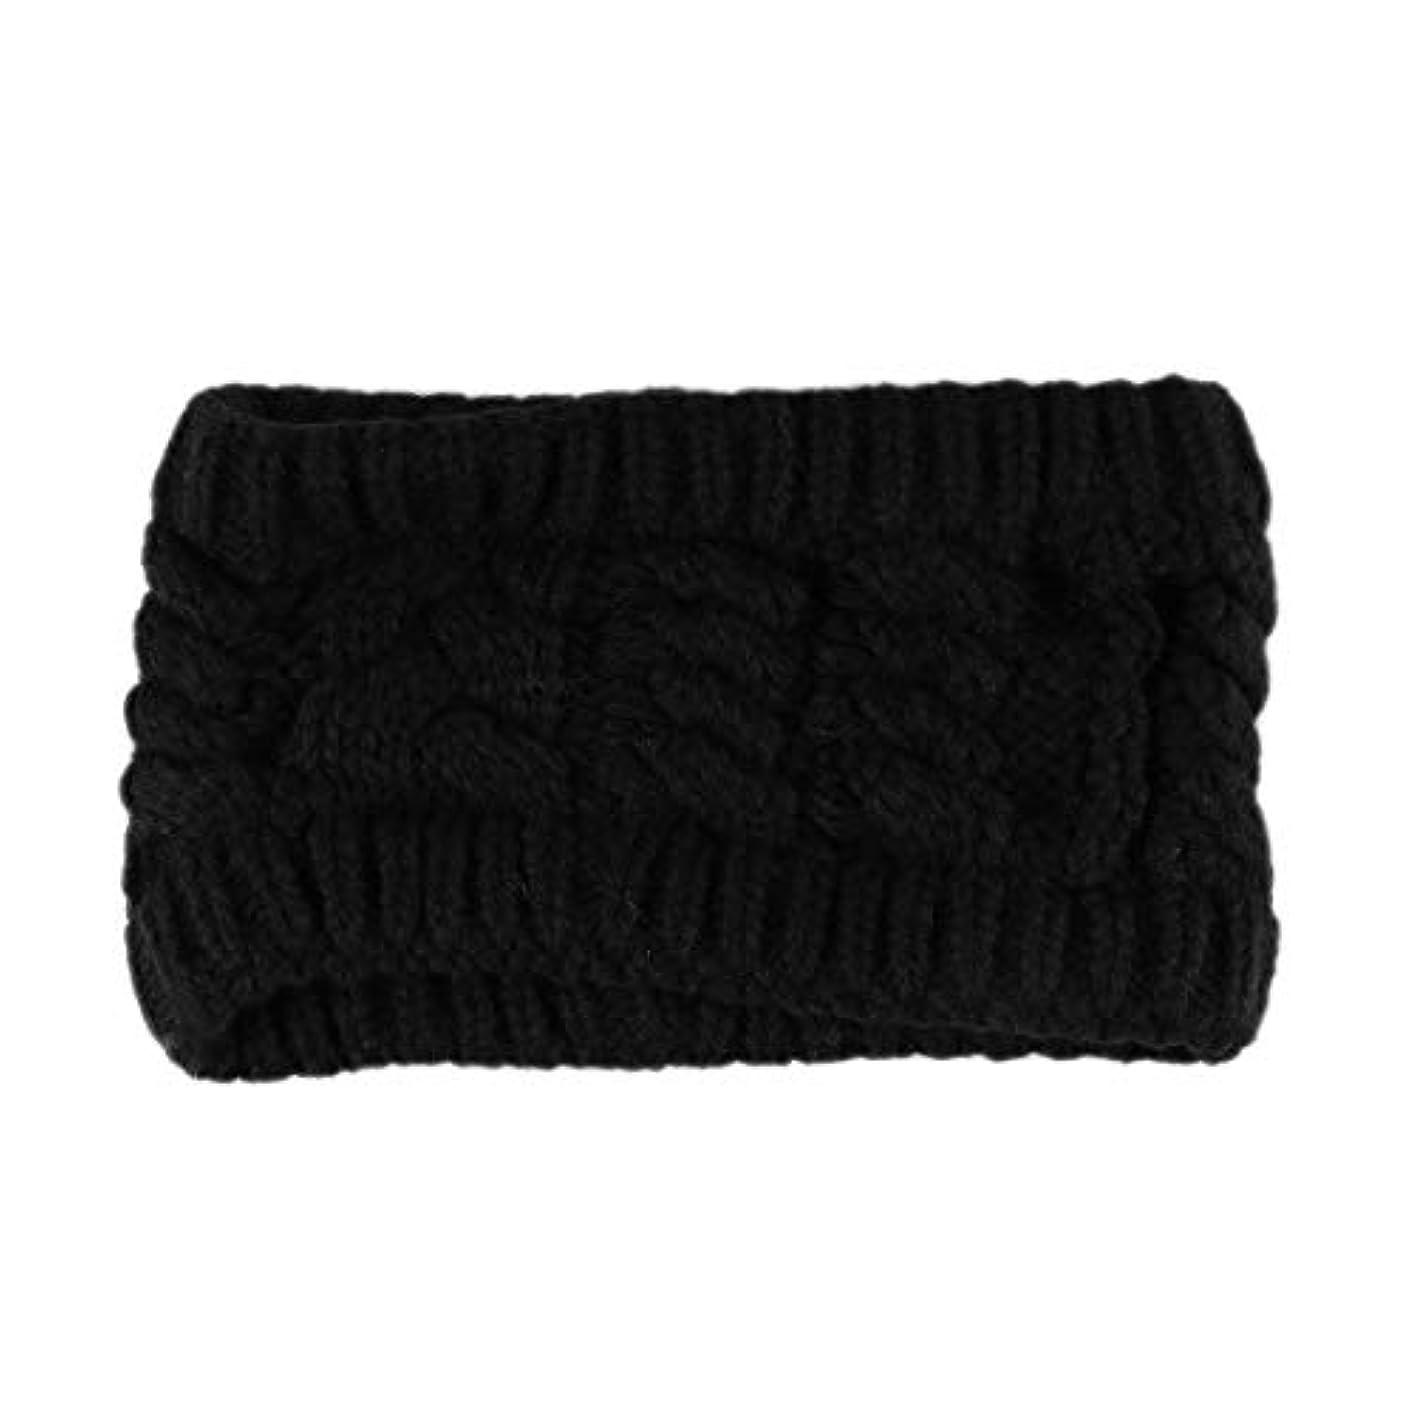 休戦不名誉アラバマ手作りの編み織りの髪のバンドヘッドバンド女性と女の子のためのヘアアクセサリー(ブラック)